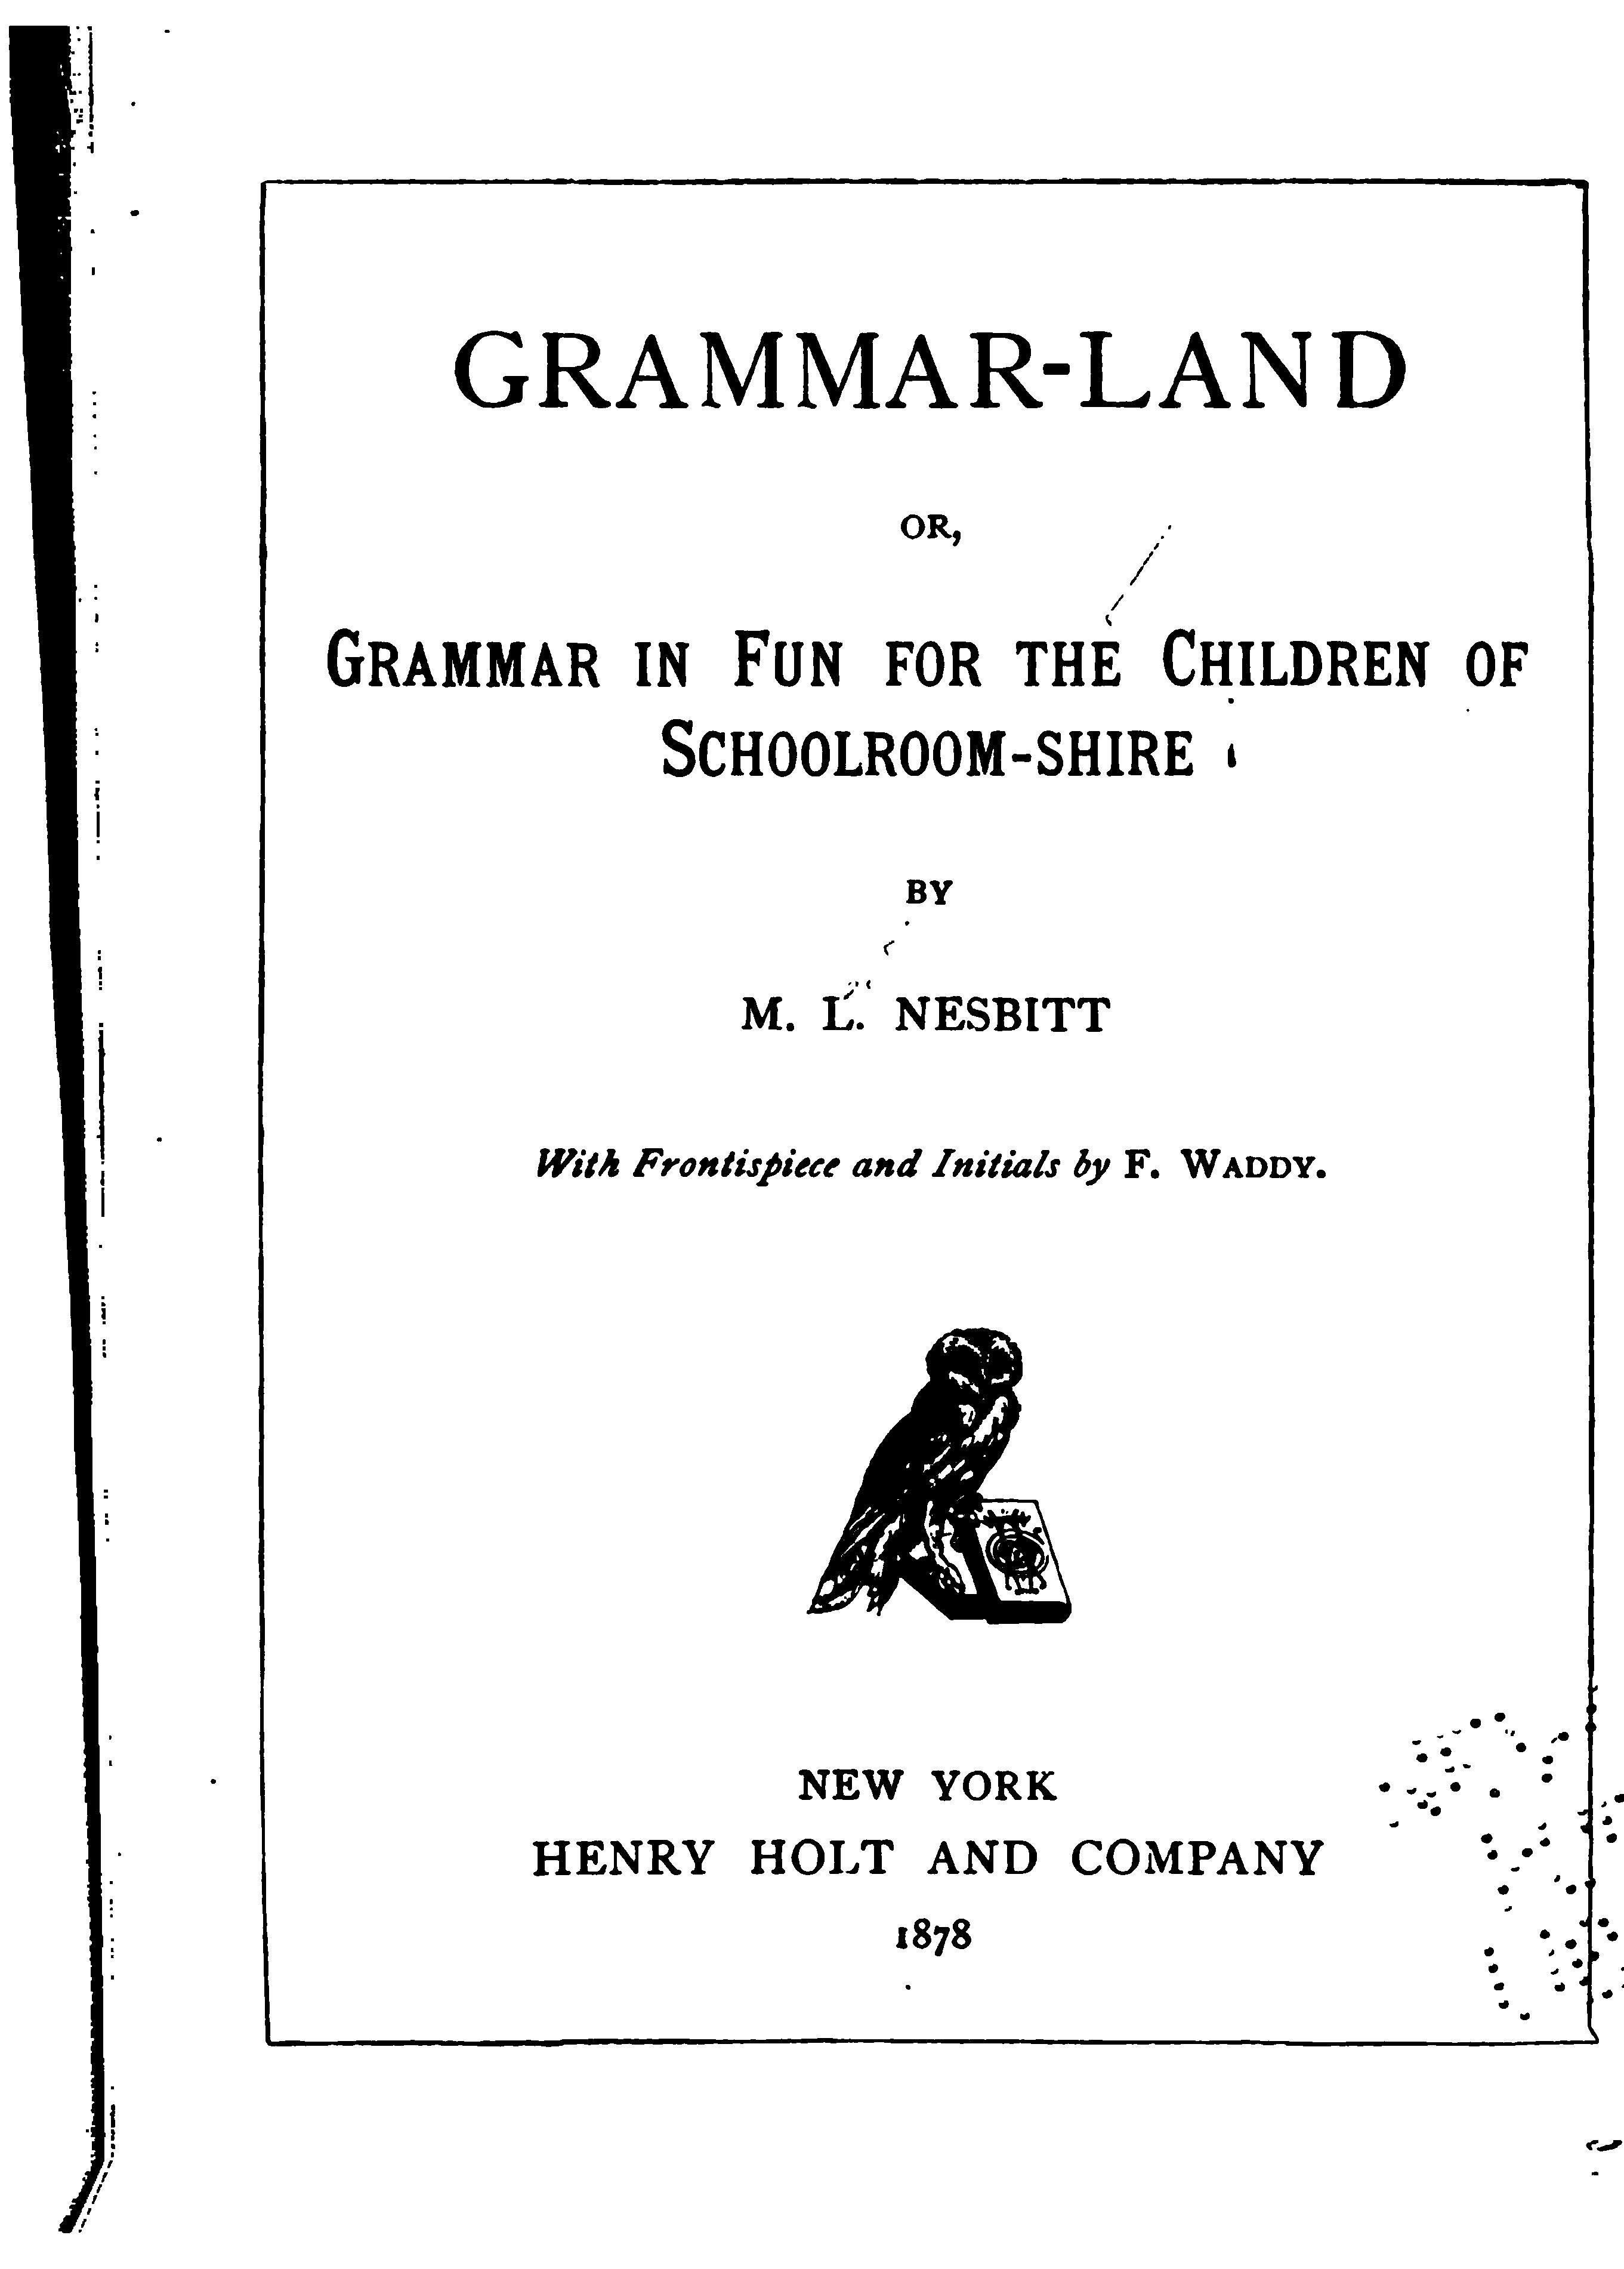 Waldorf 4th grade Grammar Grammar land Book free online